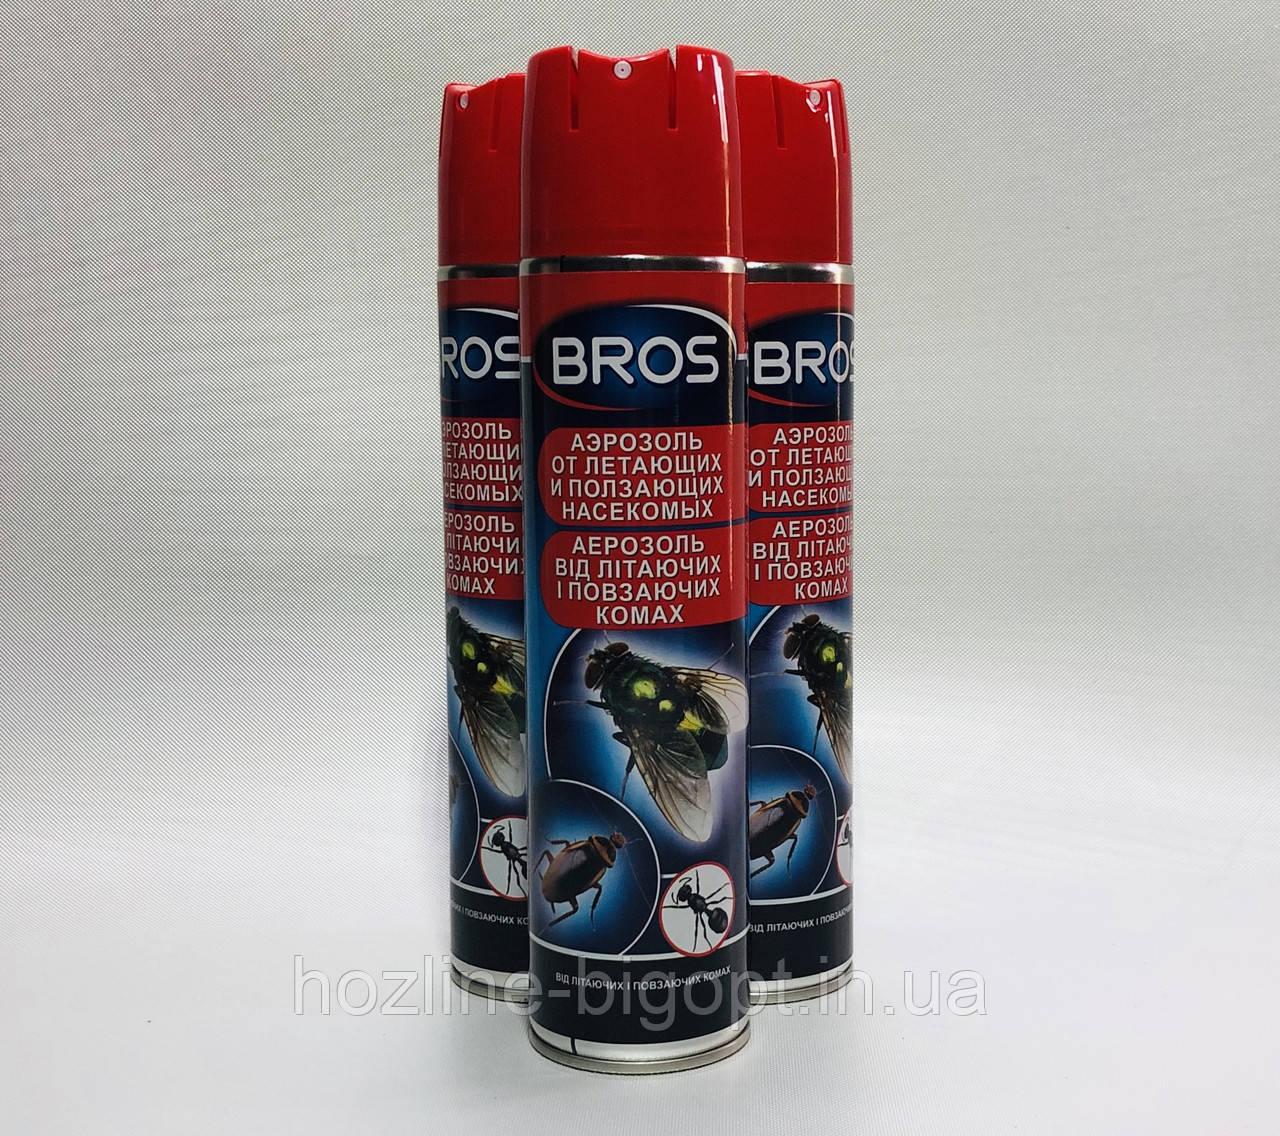 BROS Аэрозоль Инсектицид Универсальный 400 мл.